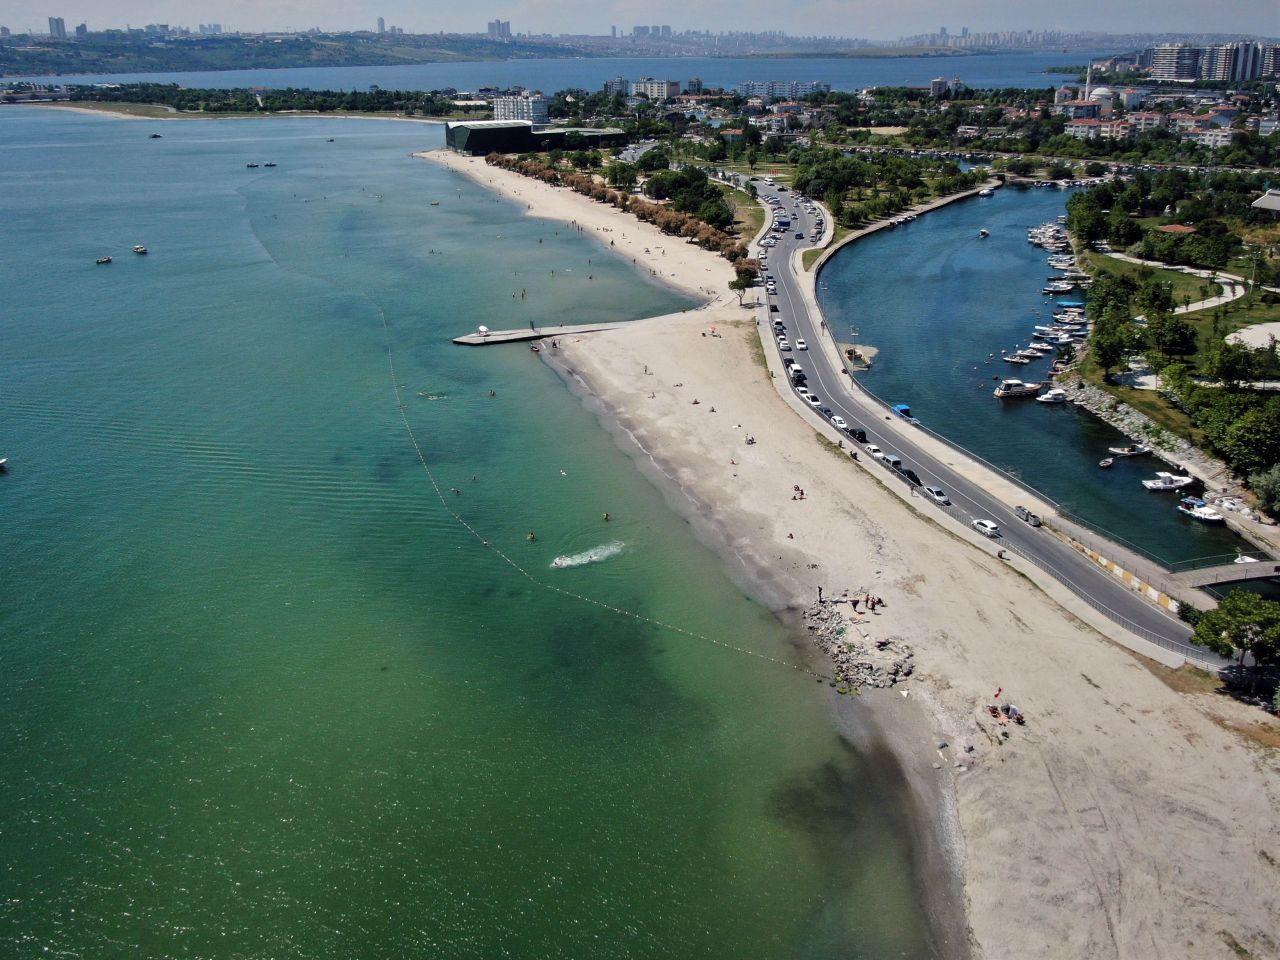 İstanbul sahillerinde son durum: Kilometrelerce müsilaj hattı oluştu - Resim: 3